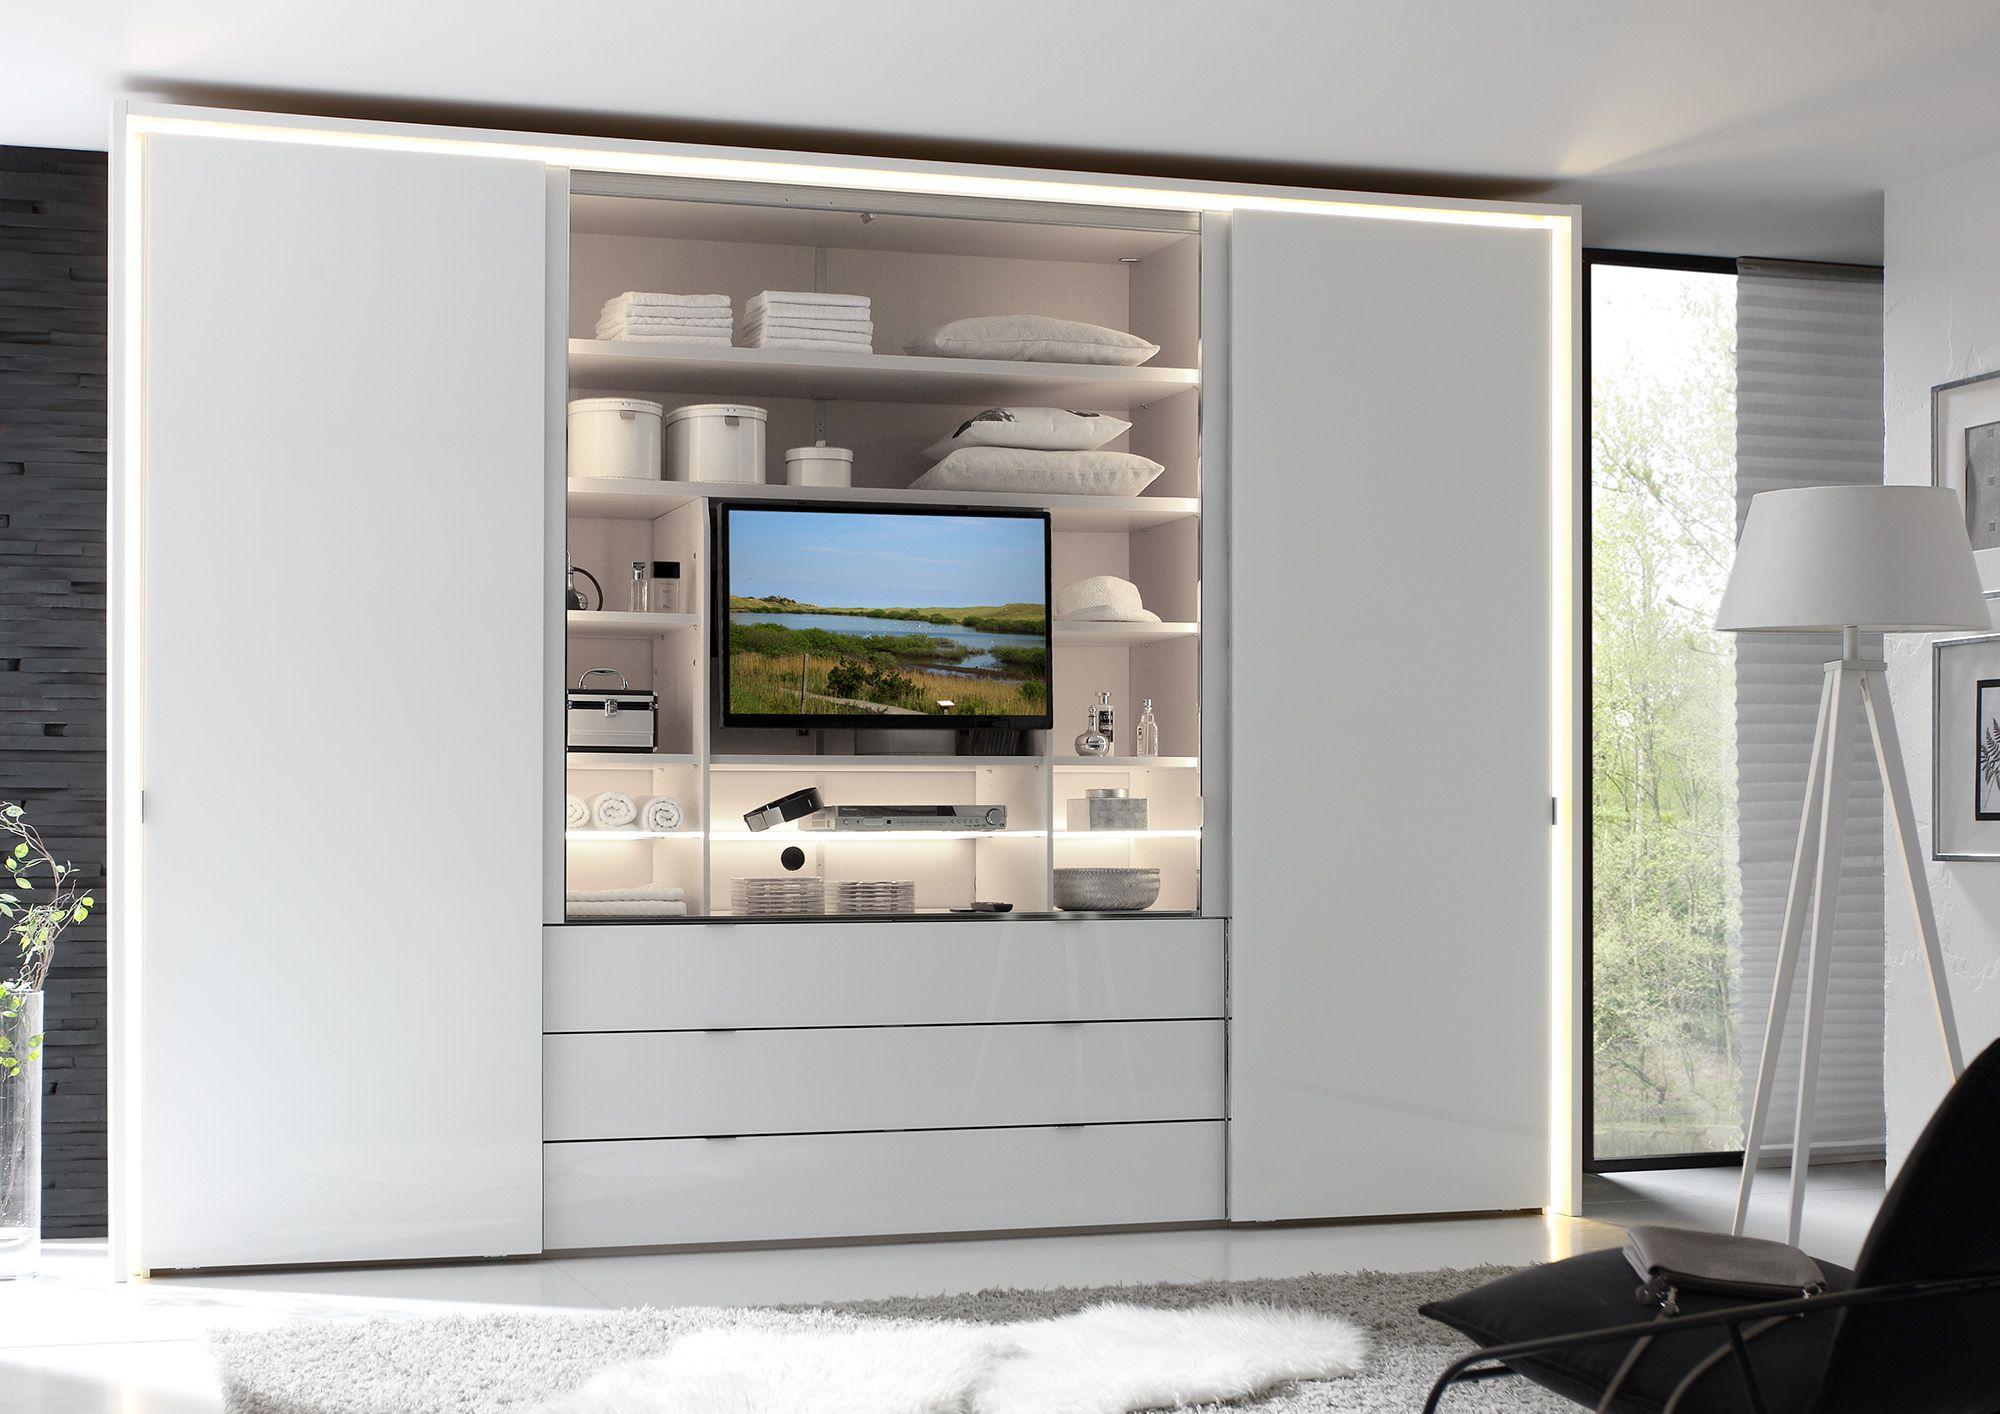 Bildergebnis für kleiderschrank tv fach | Schlafzimmer ...